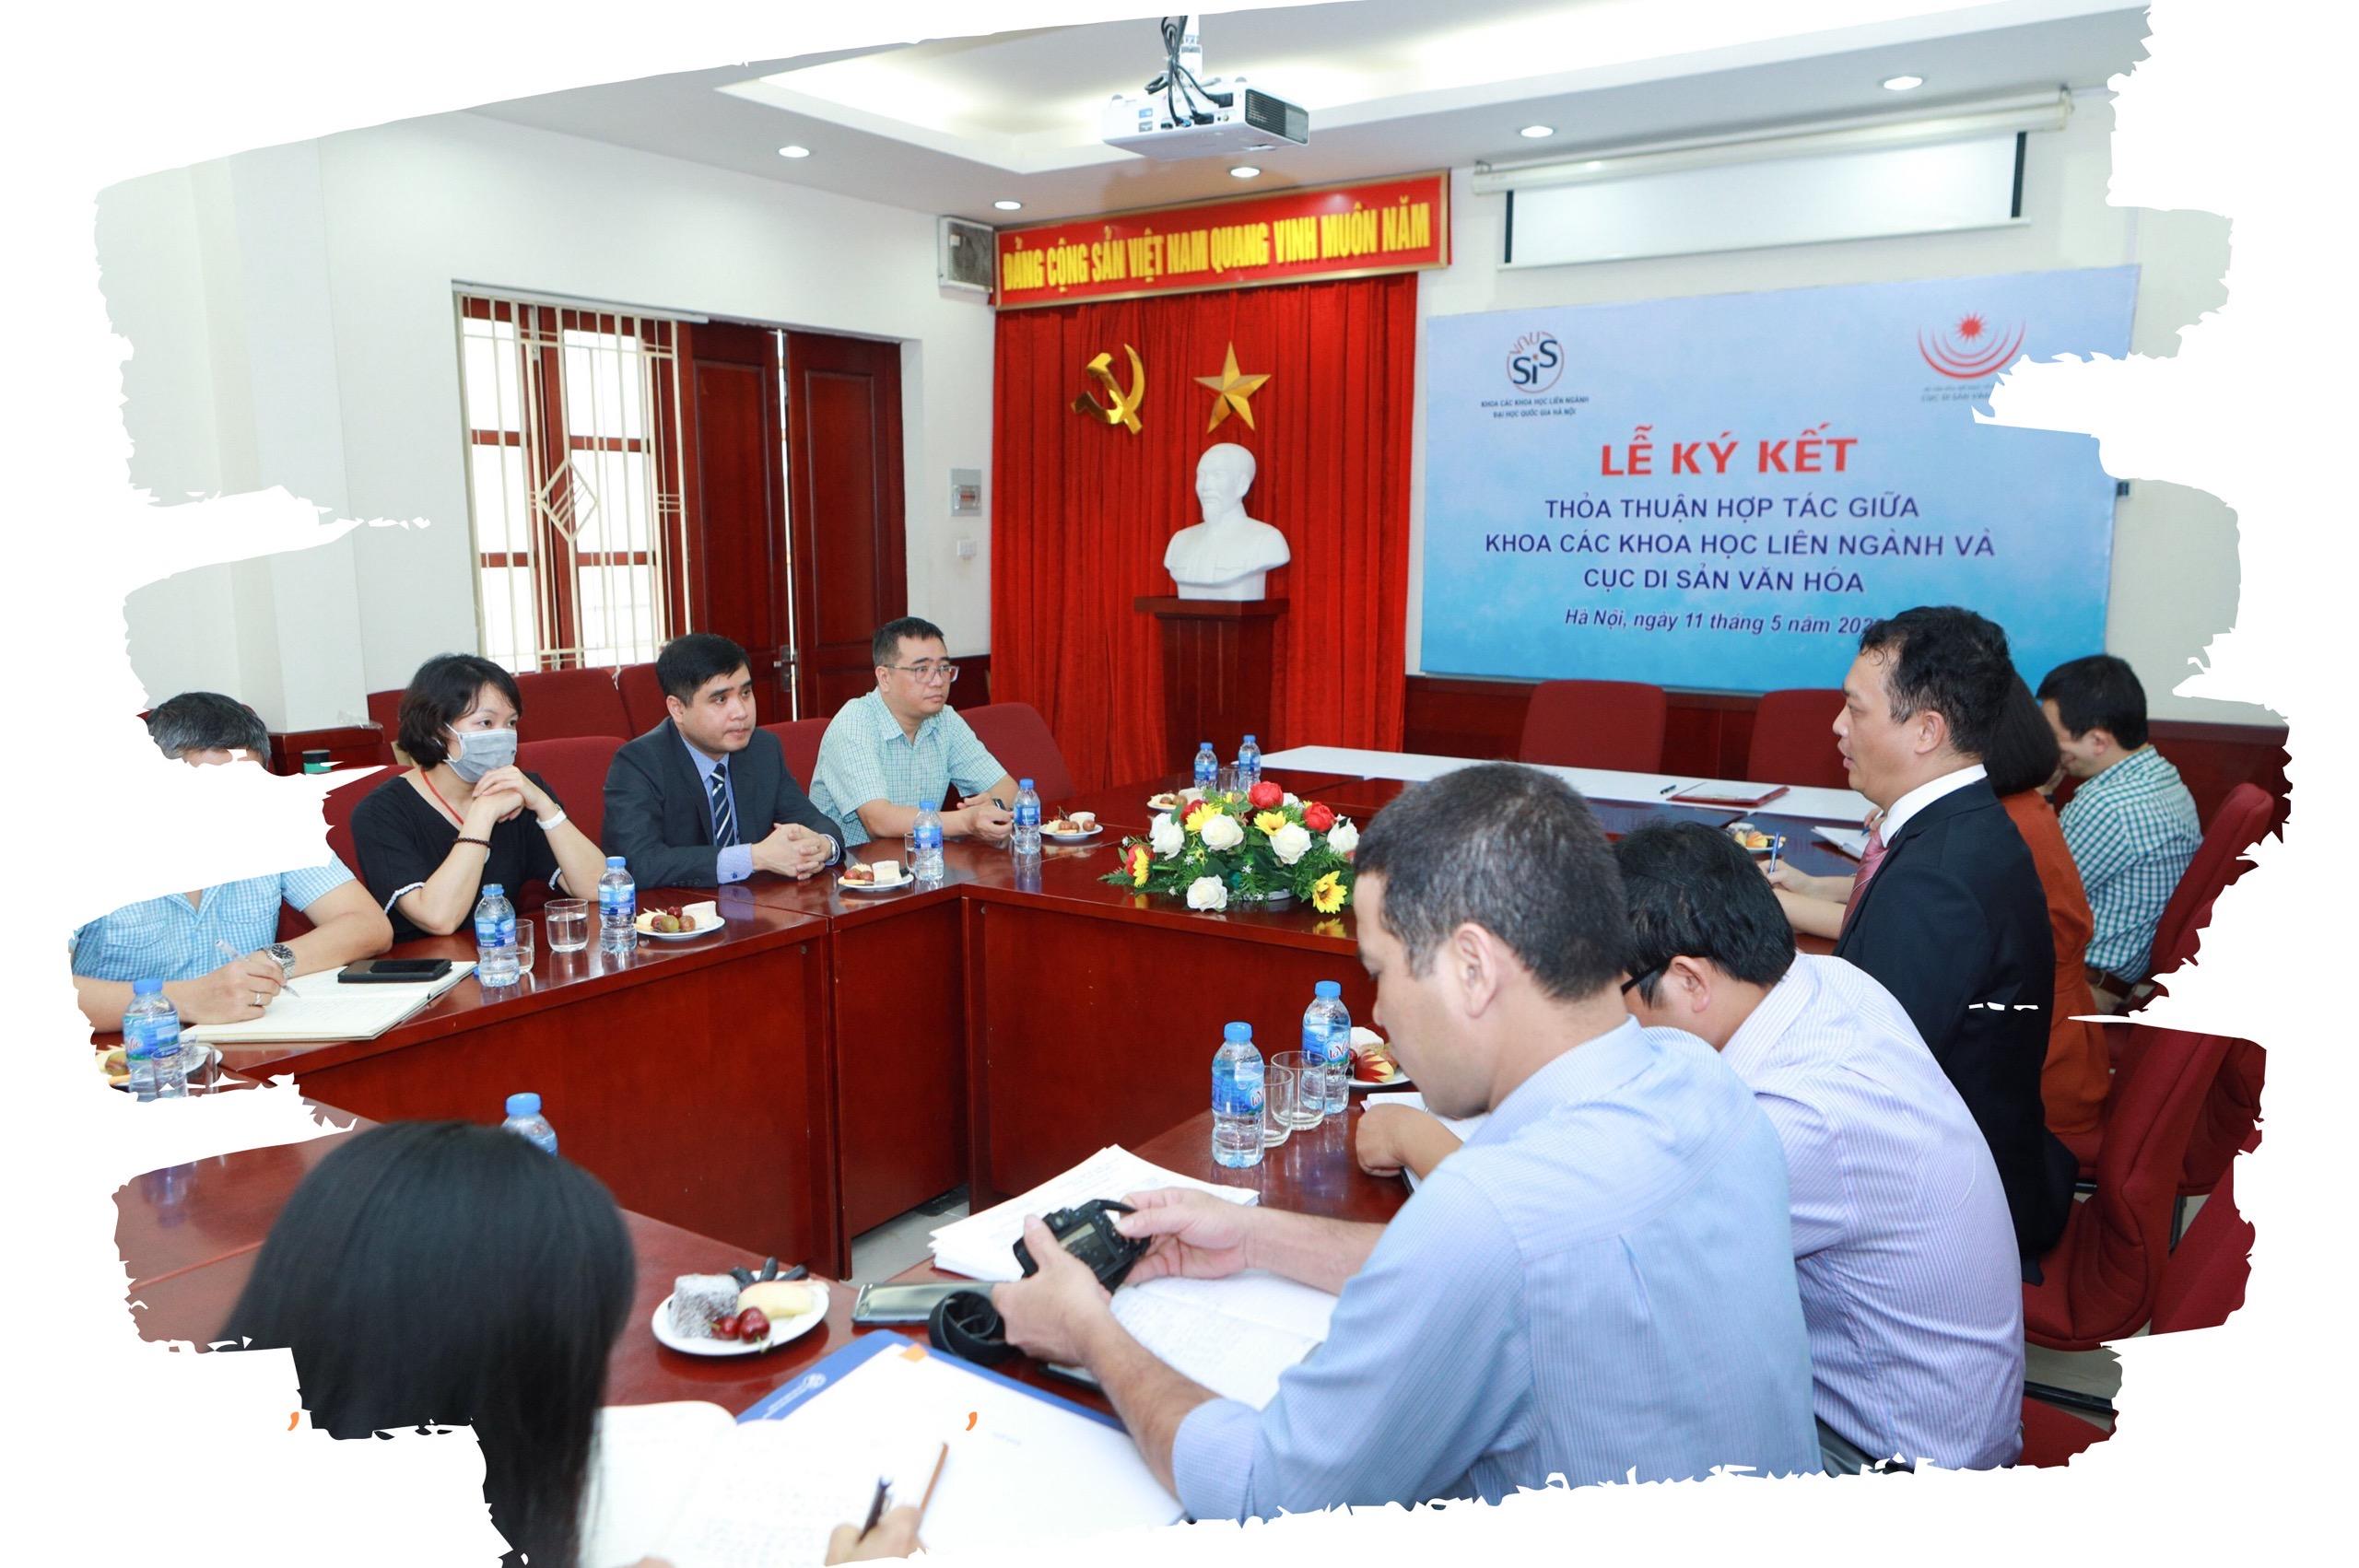 Đại học Quốc gia Hà Nội: Giải mã lợi thế của chương trình đào tạo bậc cử nhân đầu tiên ở Việt Nam về di sản